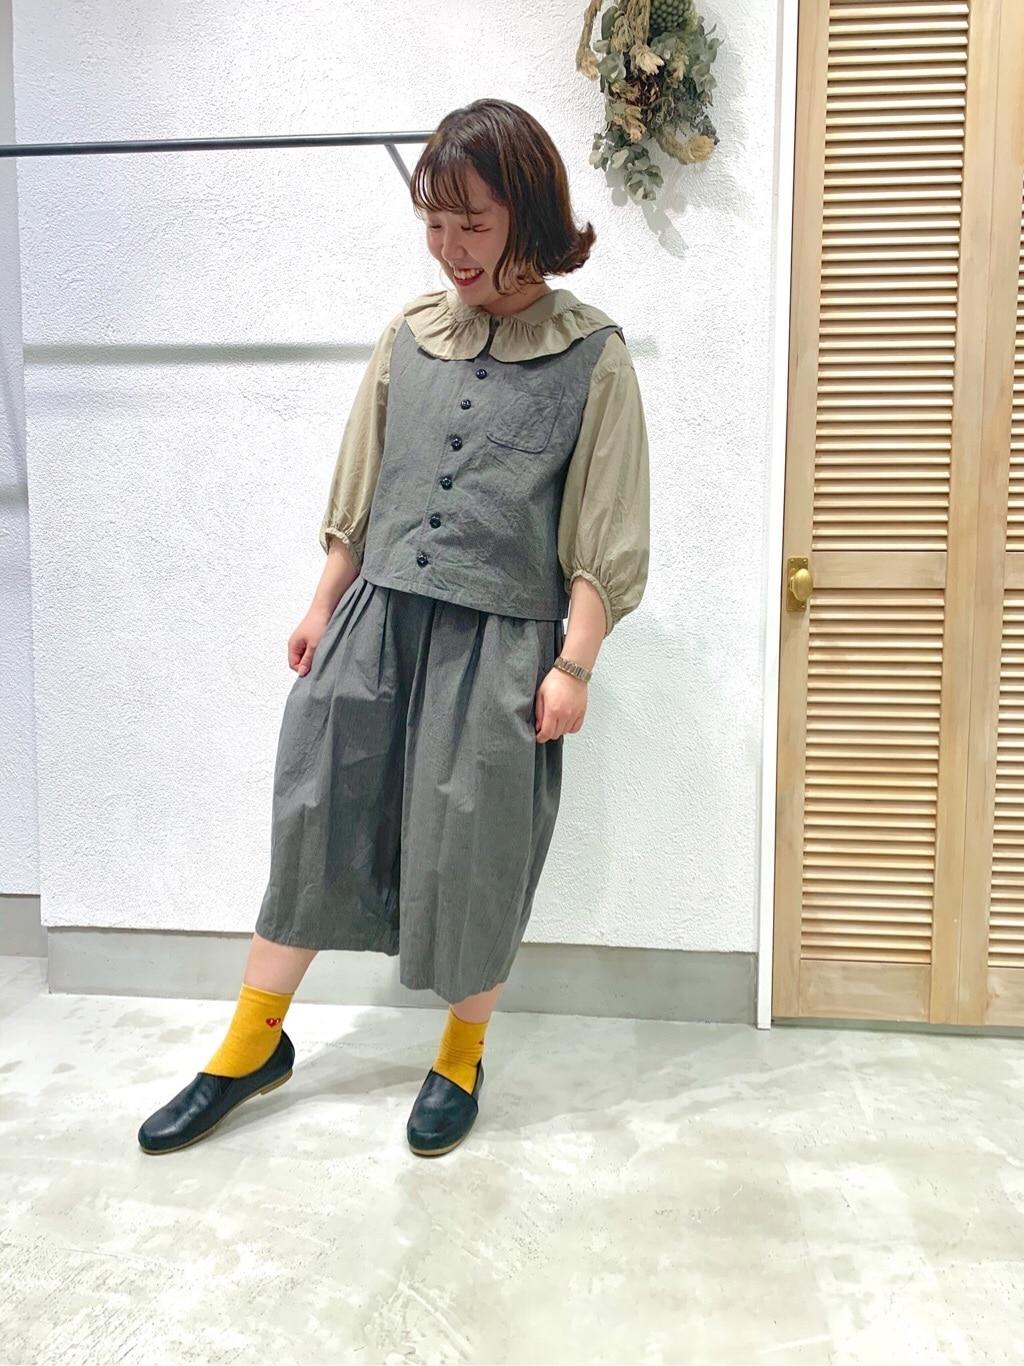 AMB SHOP chambre de charme FLAT AMB 名古屋栄路面 身長:155cm 2020.06.19